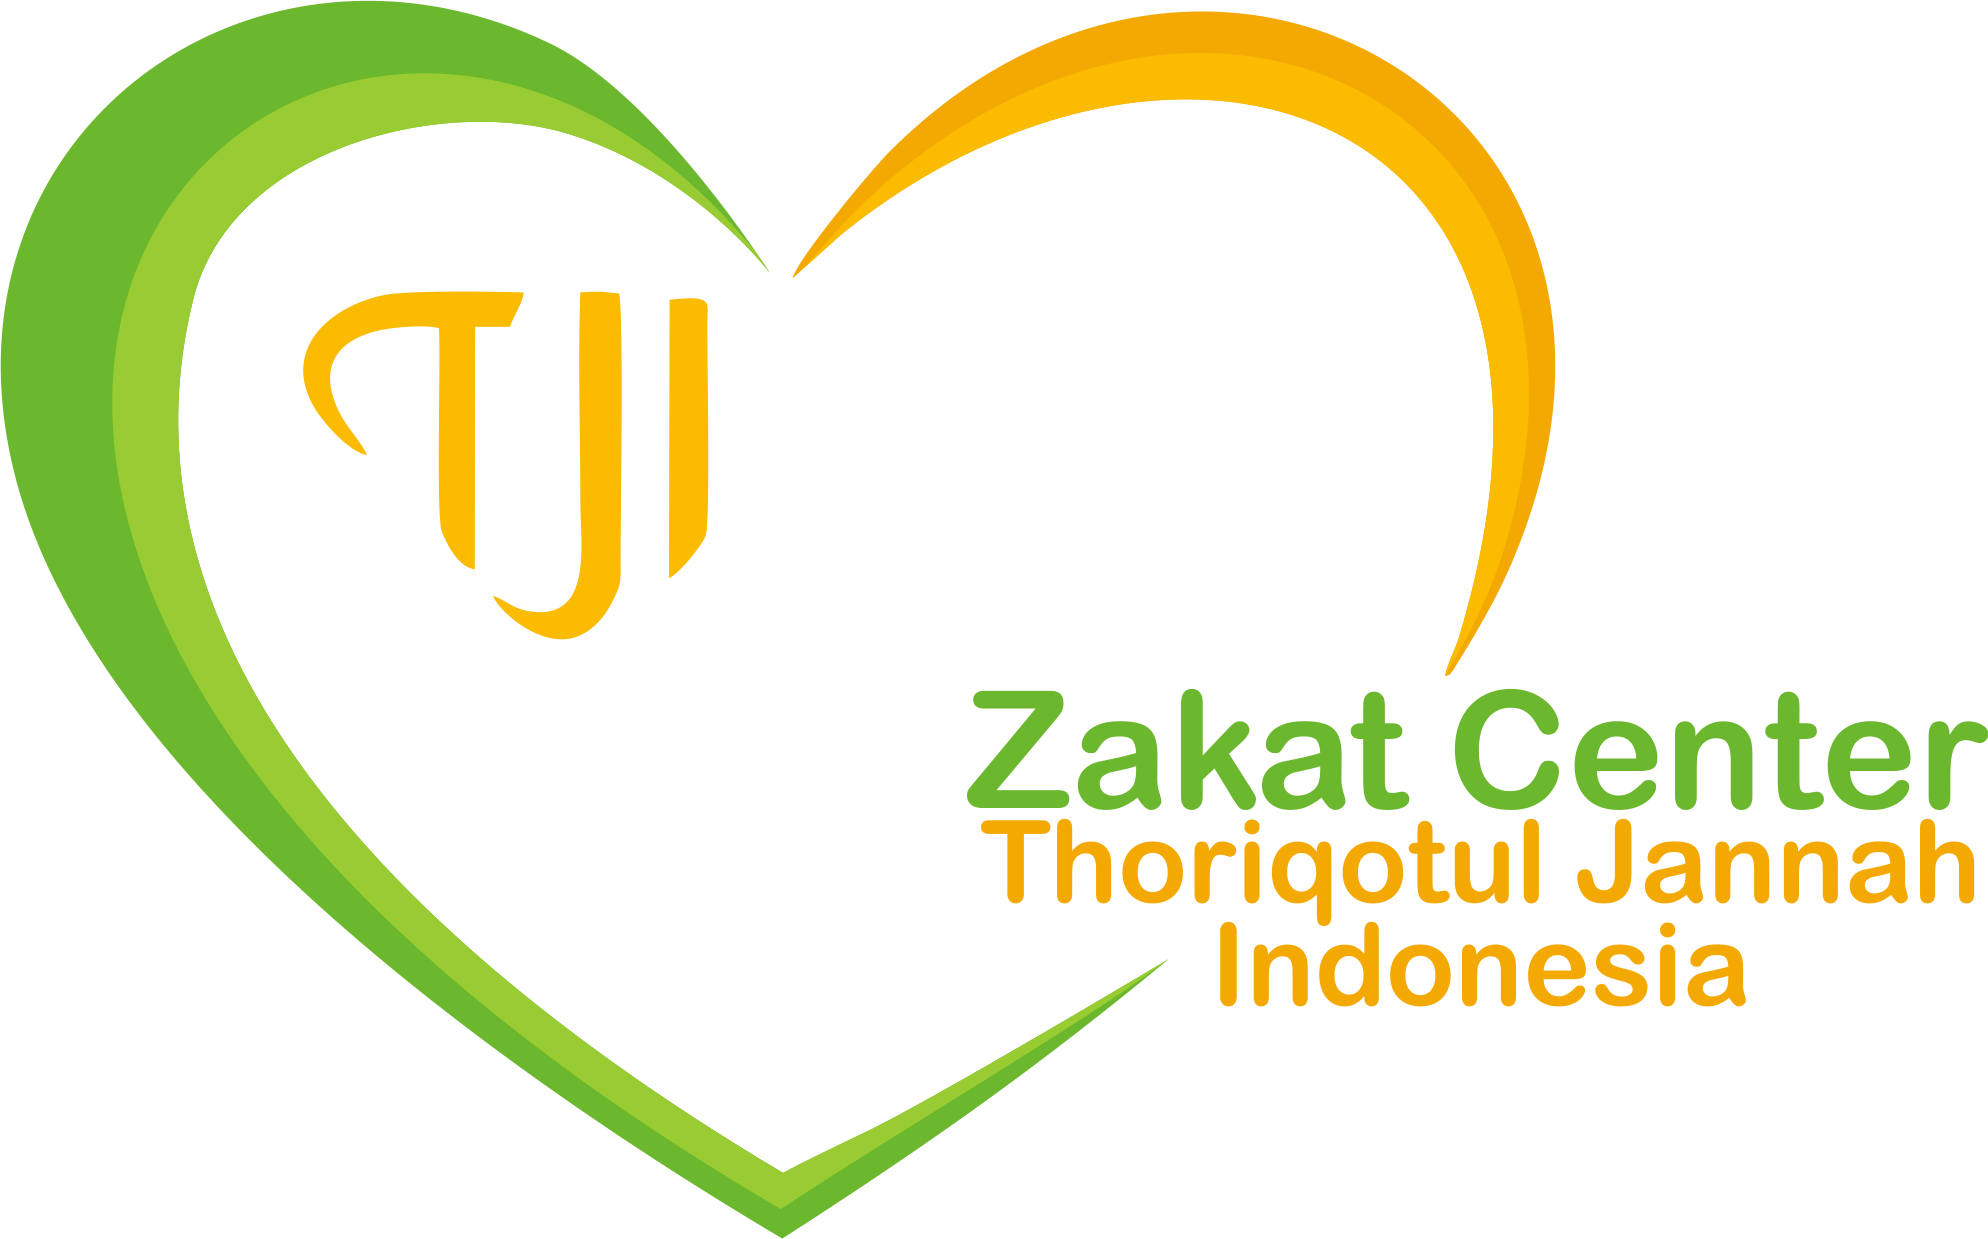 Zakat Center TJI